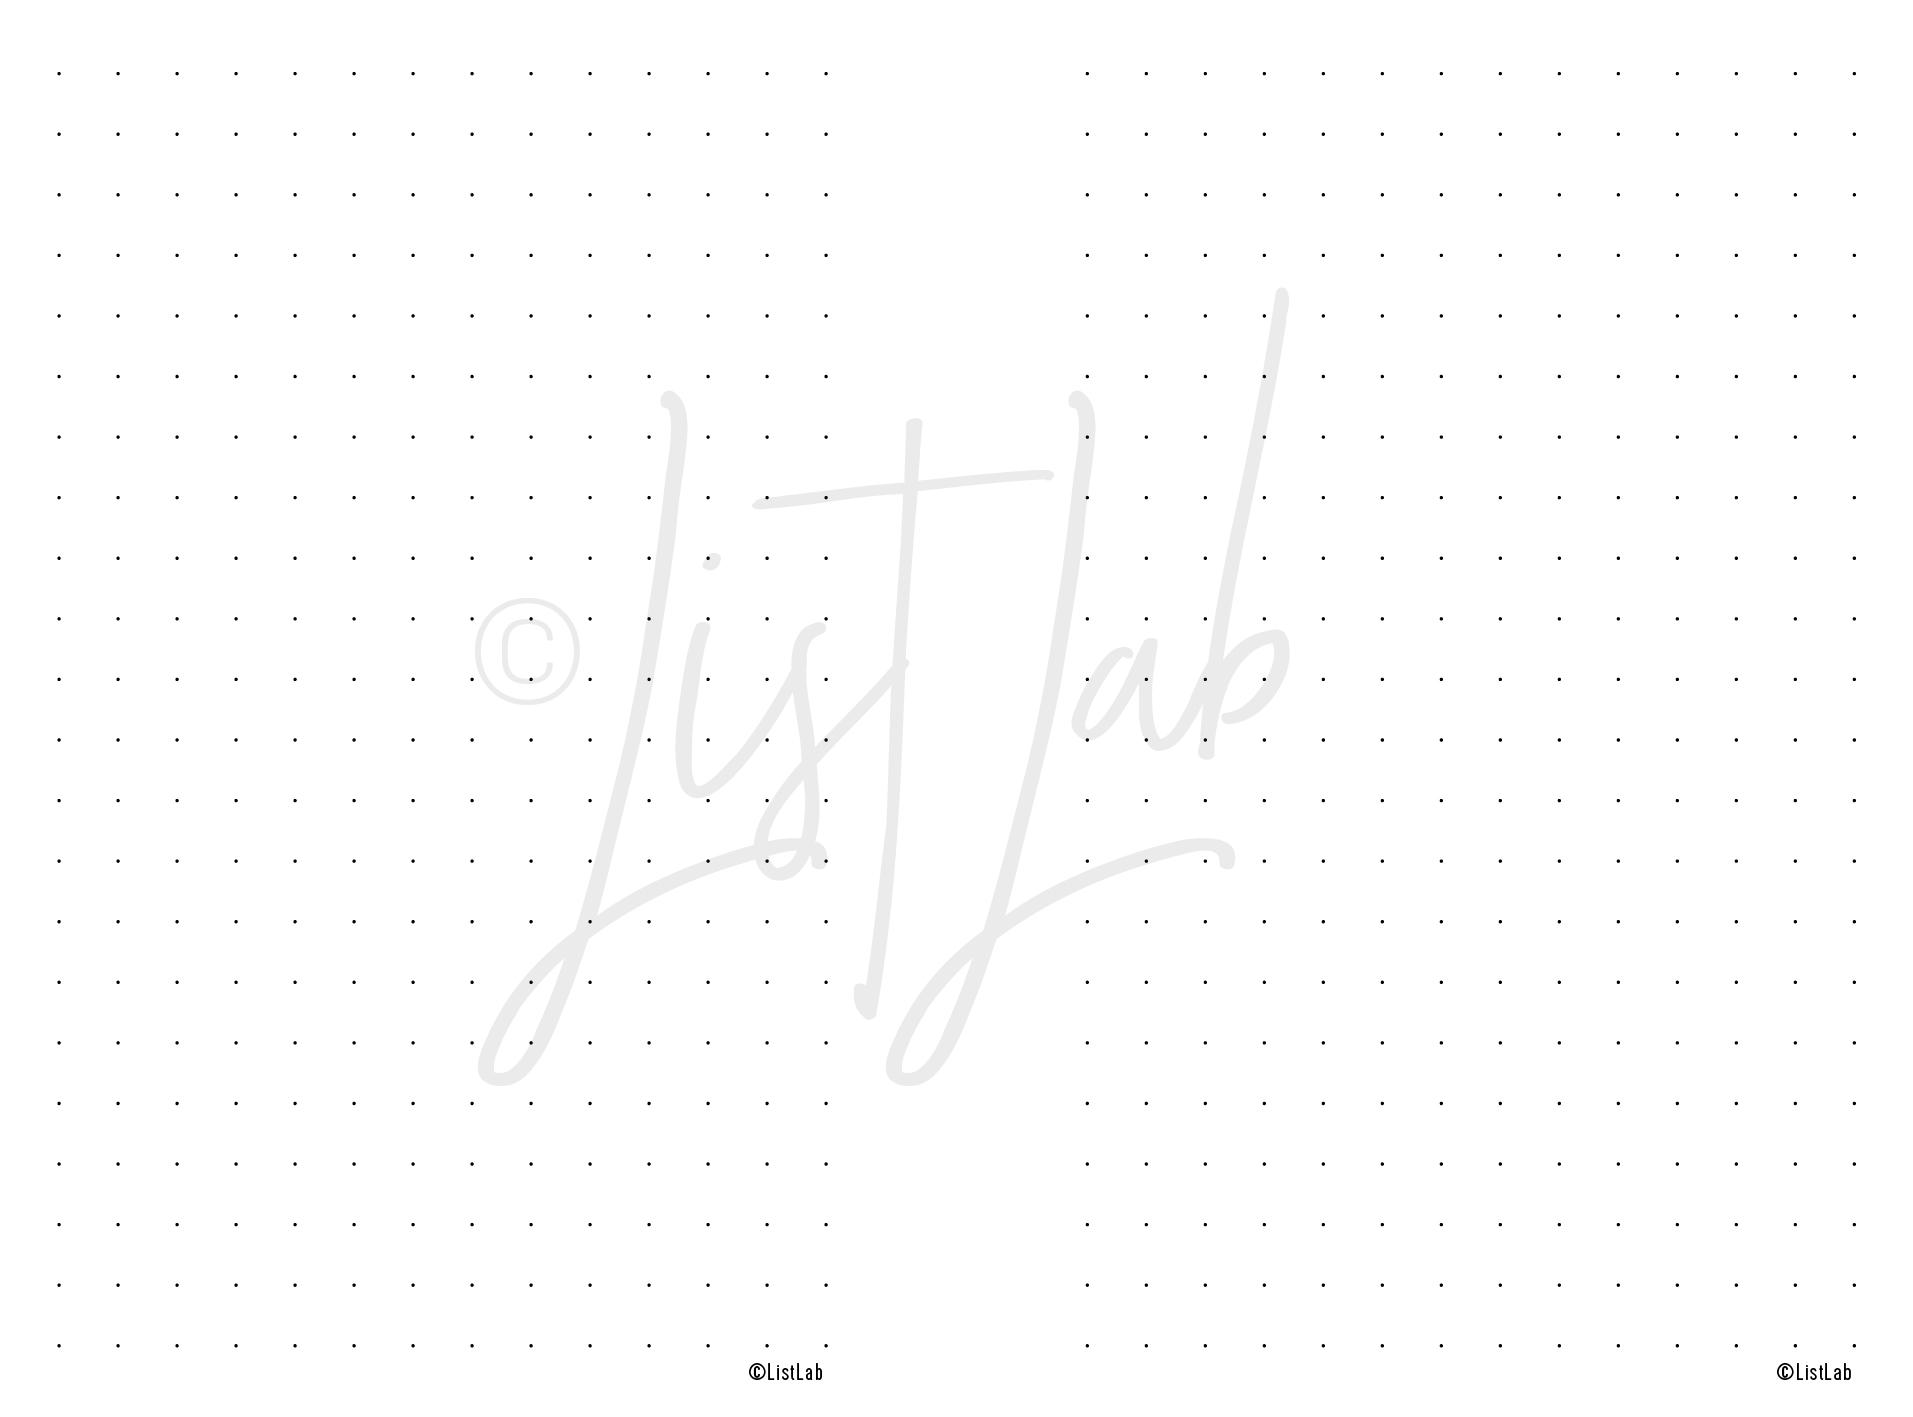 script_ring_pocket_undated_2-21.jpg